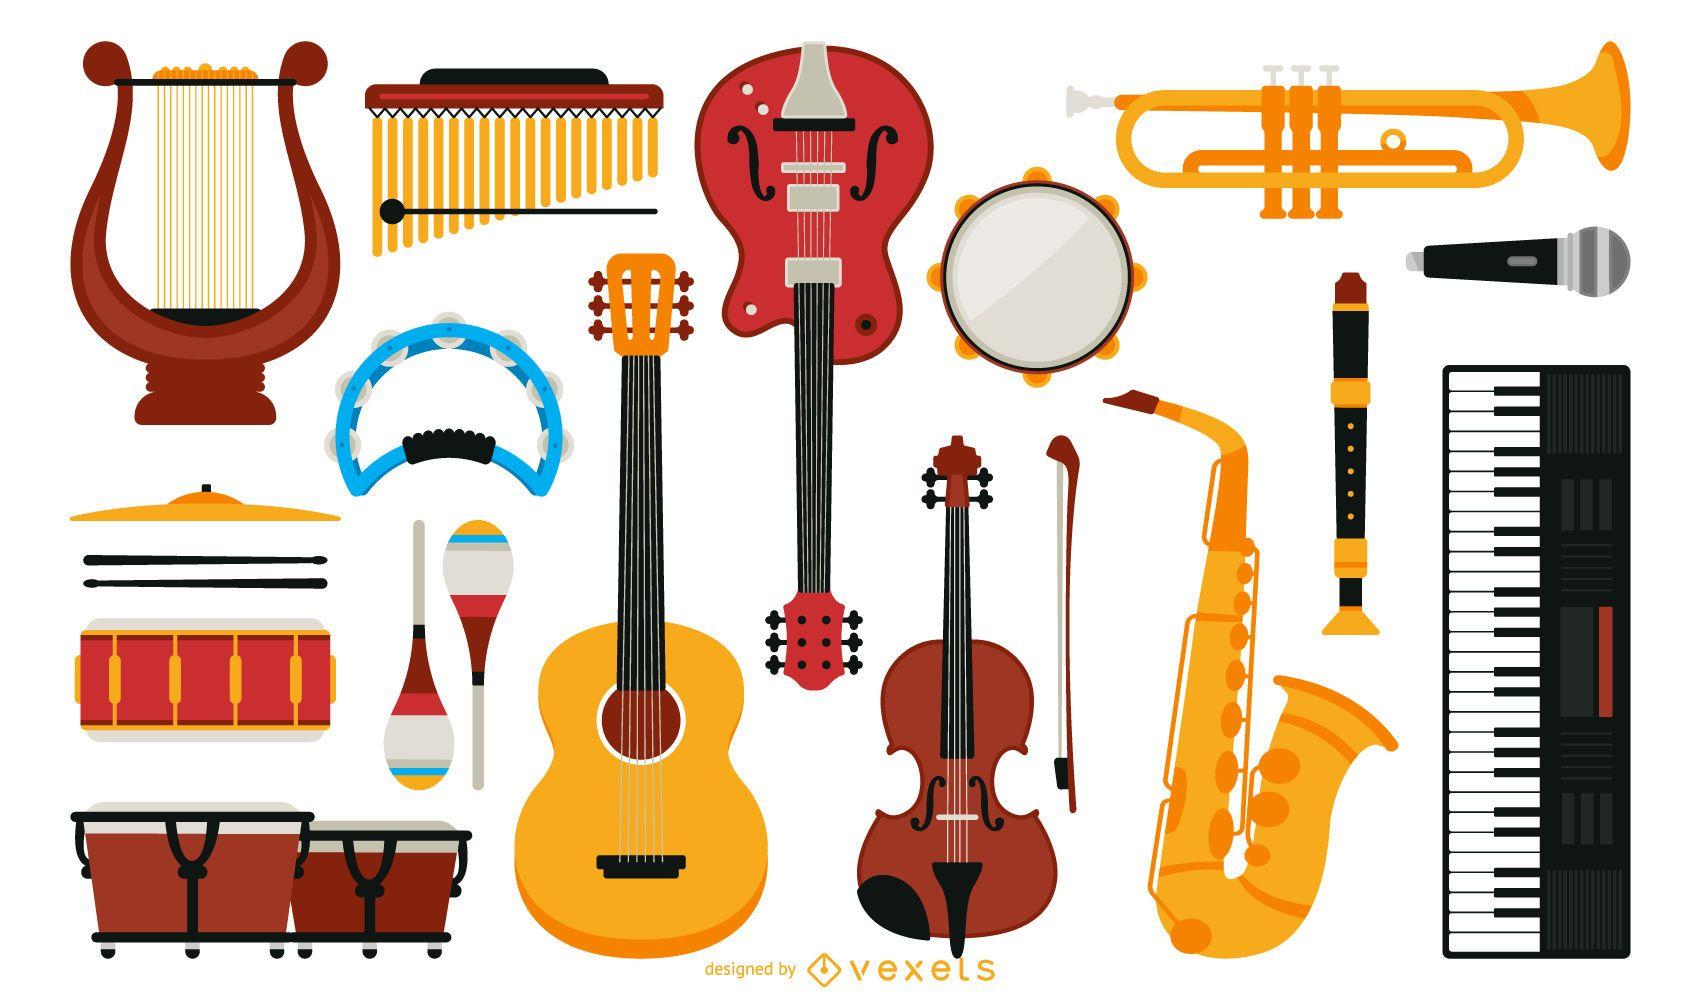 Colecci?n de instrumentos musicales planos